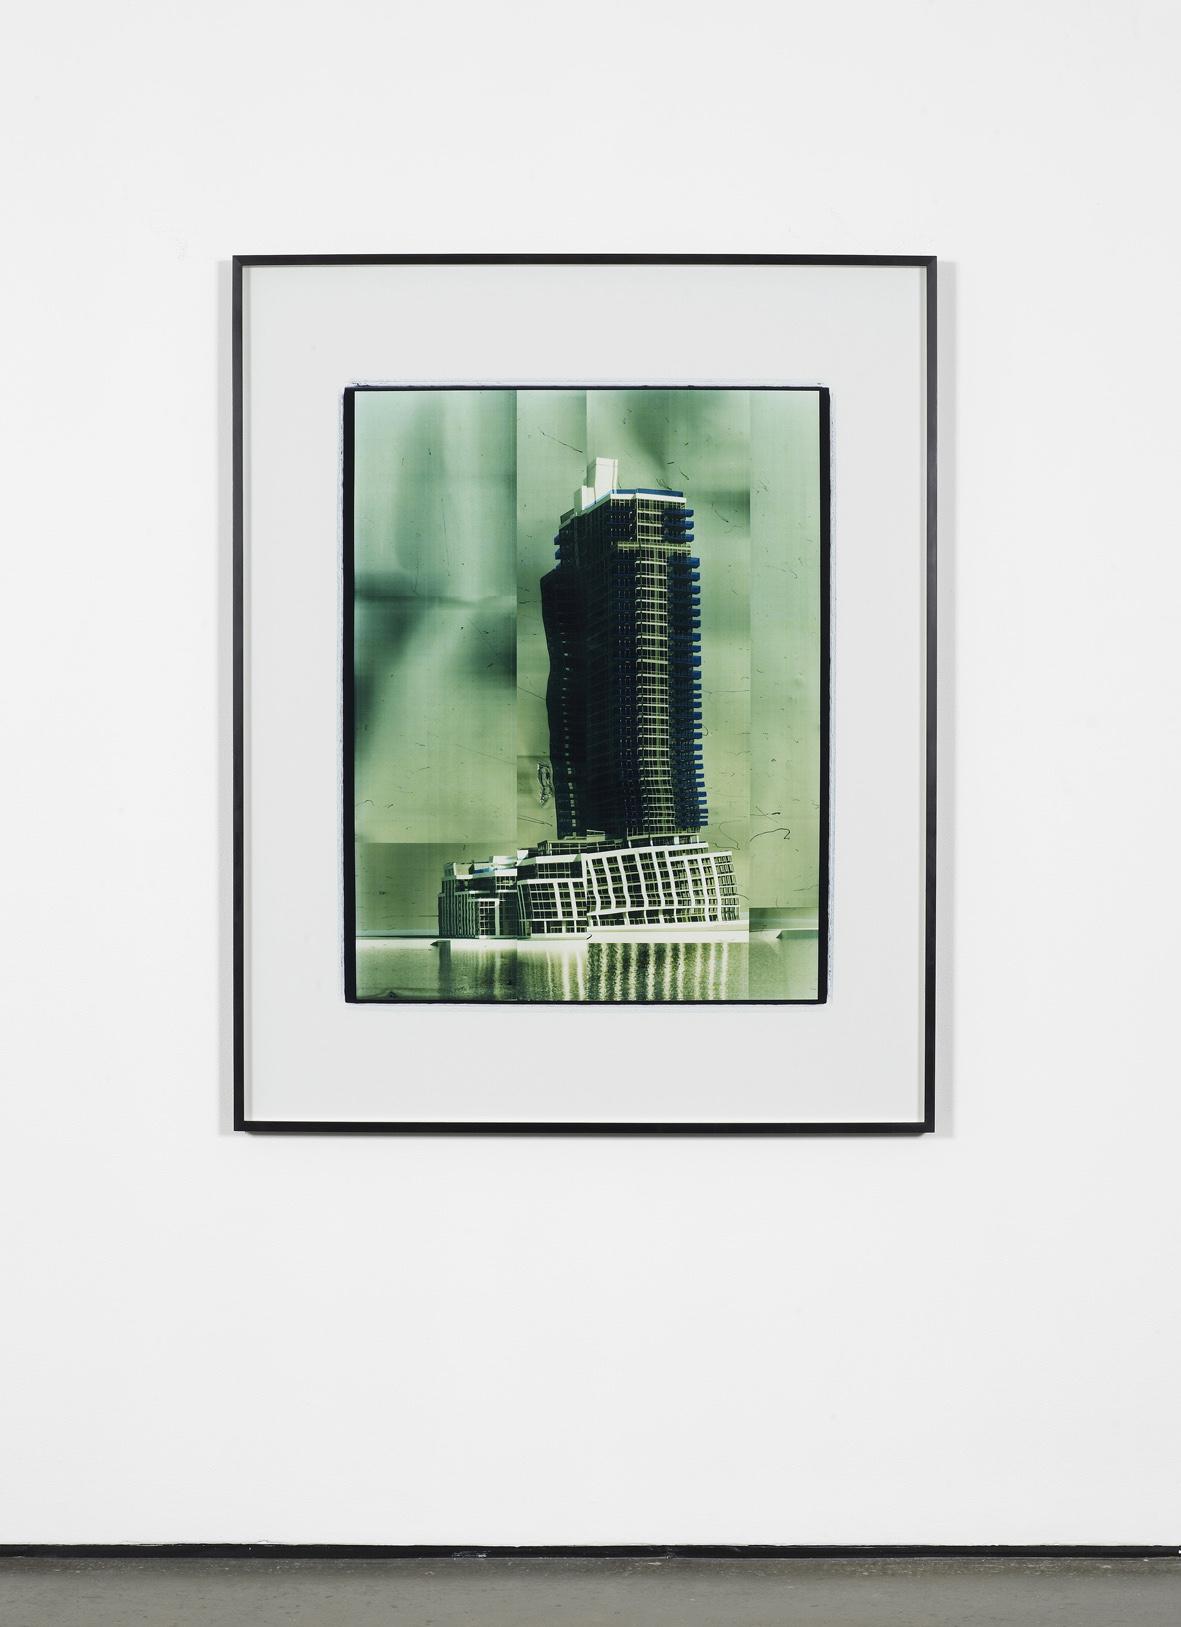 Nick Relph Paris 2016 C-print 127 x 101.6 cm / 50 x 40 in